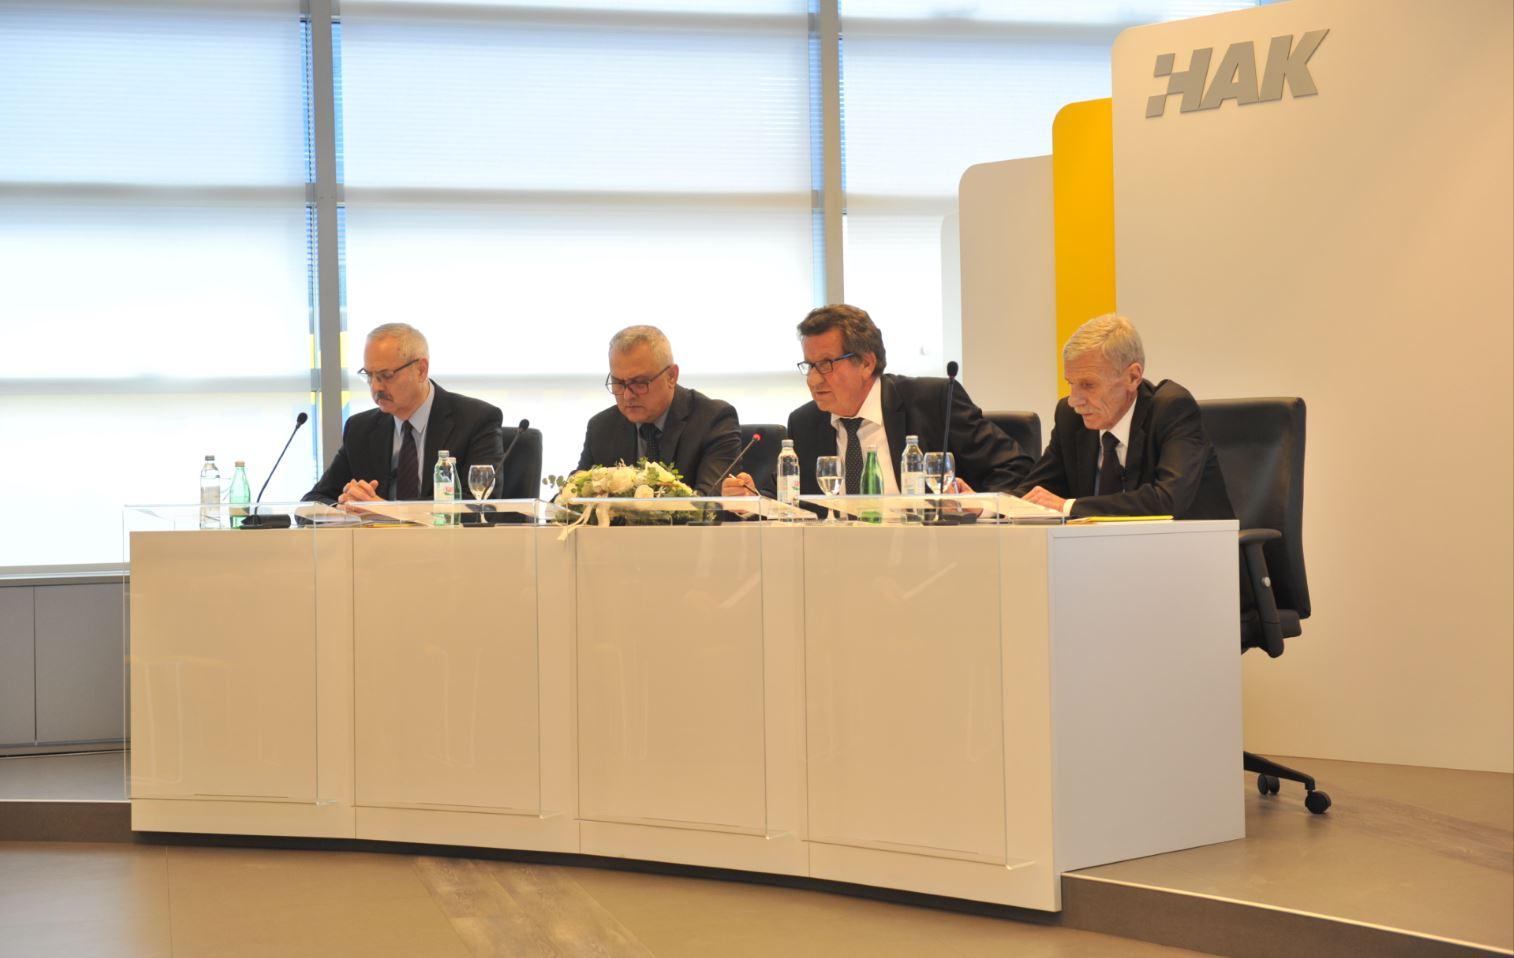 (slijeva) g. Željko Mijatović - zamjenik glavnog tajnika, g. Ivo Bikić - zamjenik predsjednika HAK-a, g. Slavko Tušek - predsjednik HAK-a, g. Zvonko Šmuk - glavni tajnik